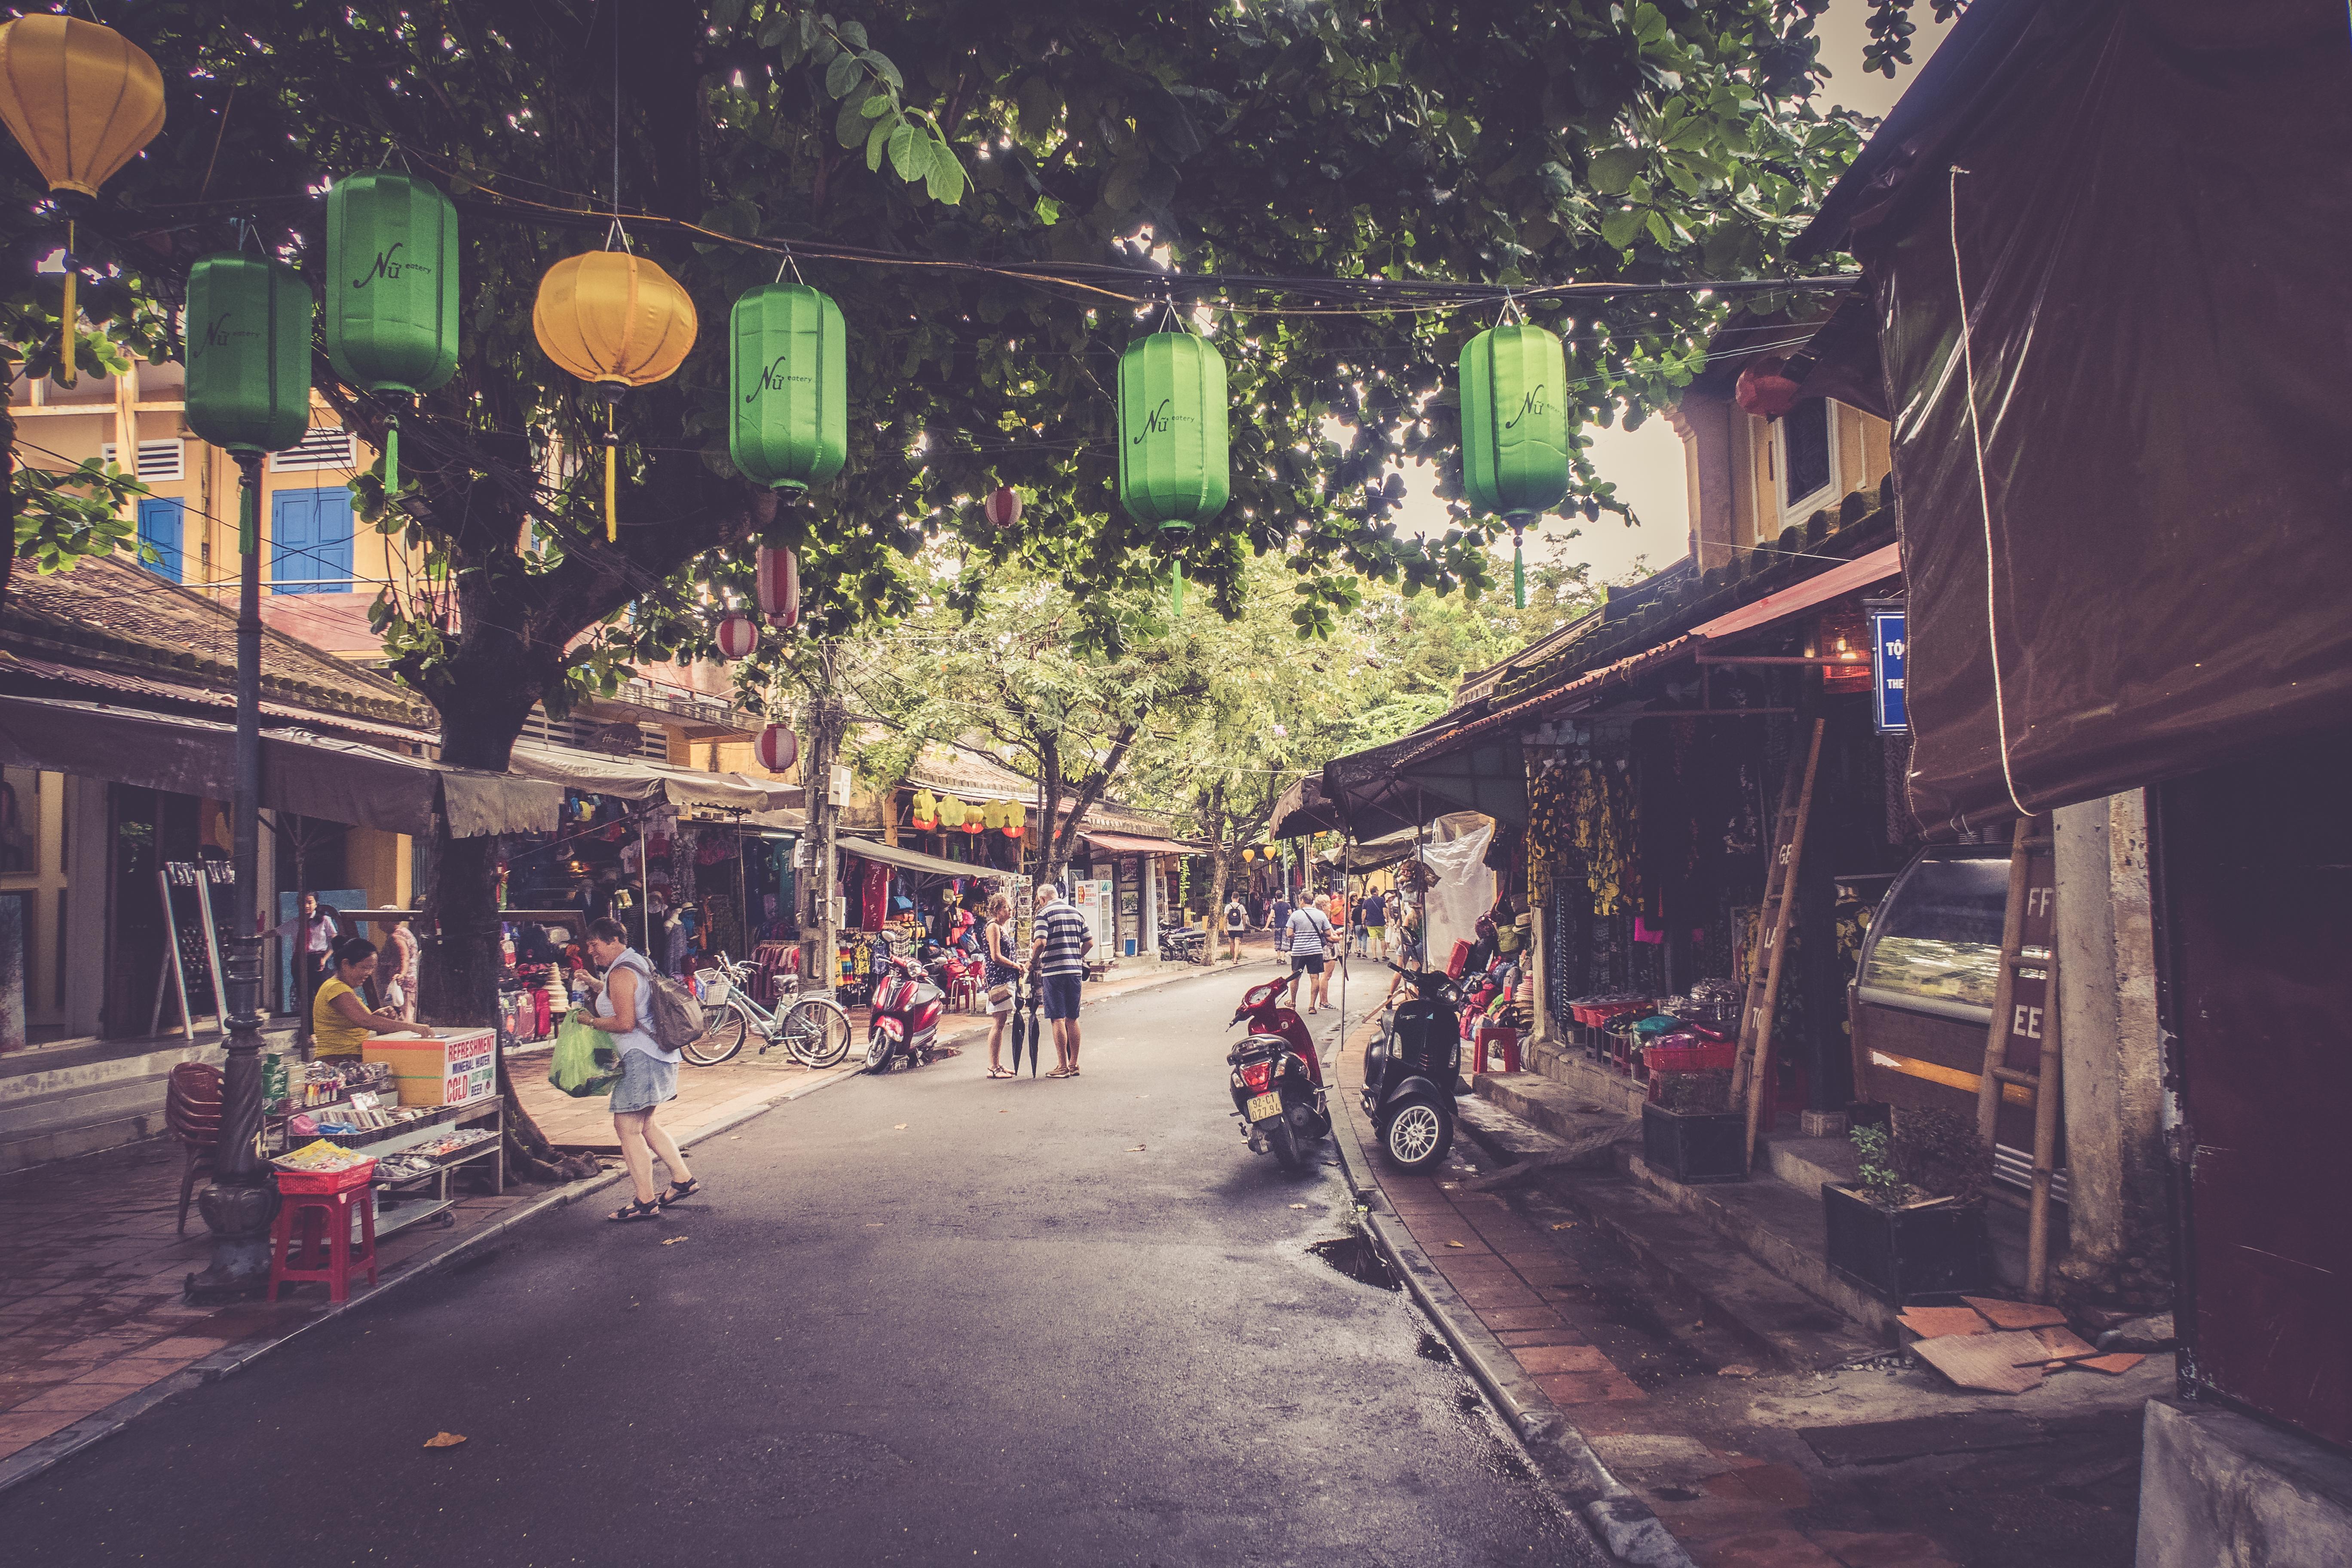 Vietnam 2018 12 dag -6579- Photo taken by Bert Schaeffer www.bertschaeffer.com